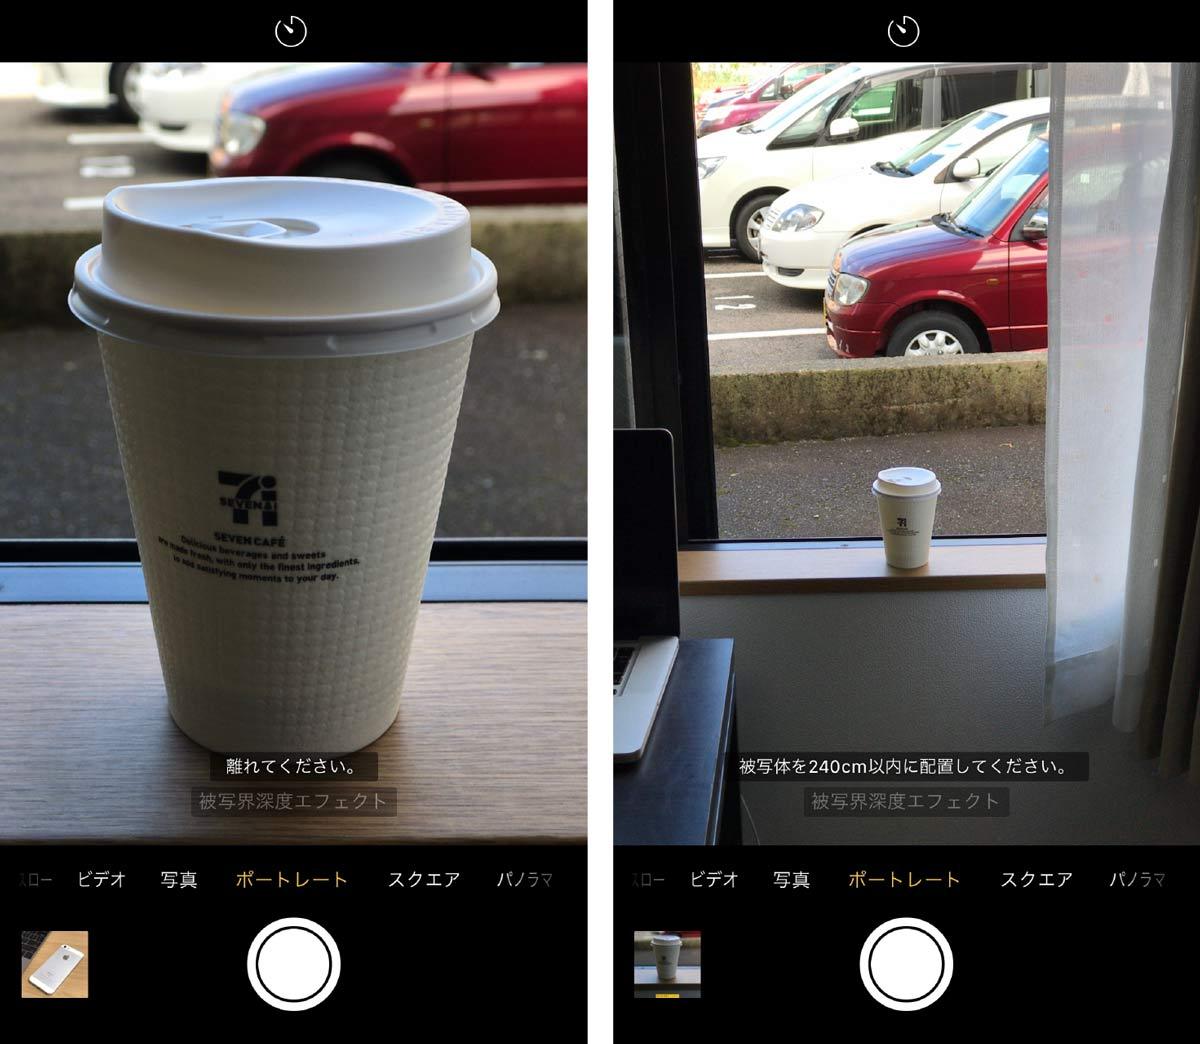 iPhone7 Plus ポートレートモード 条件